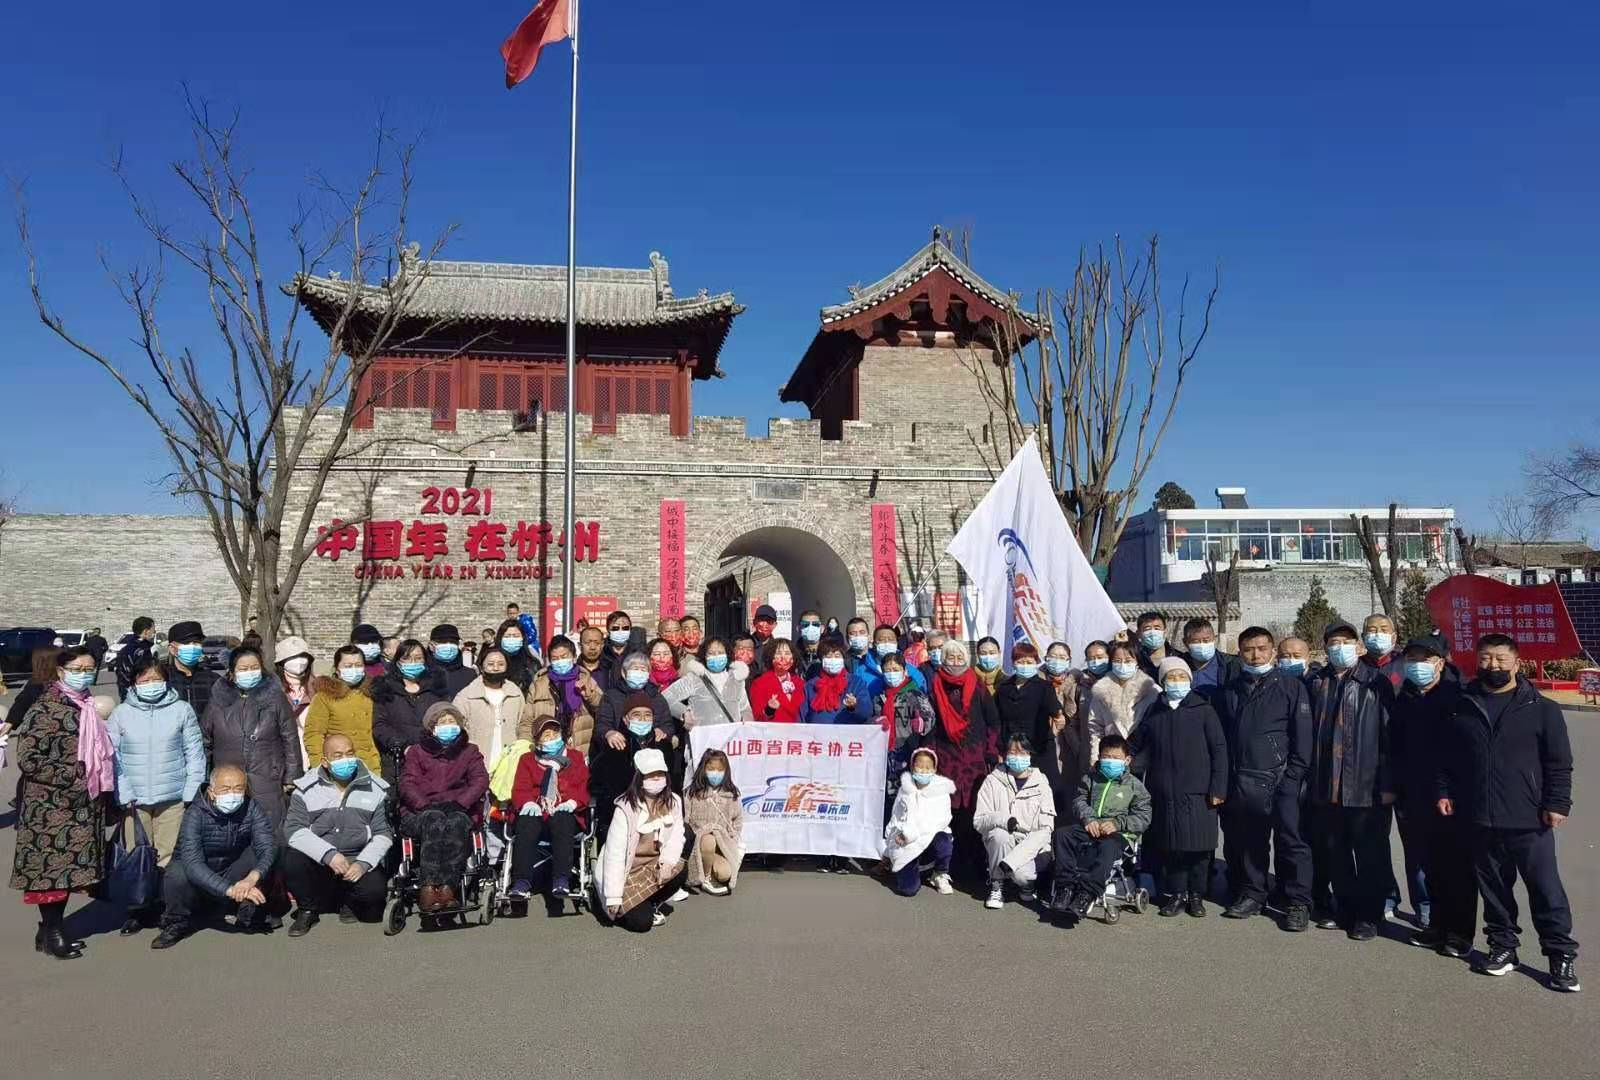 中国年在忻州 山西:房车出游新风尚 忻州古城品年味(组图)  第2张